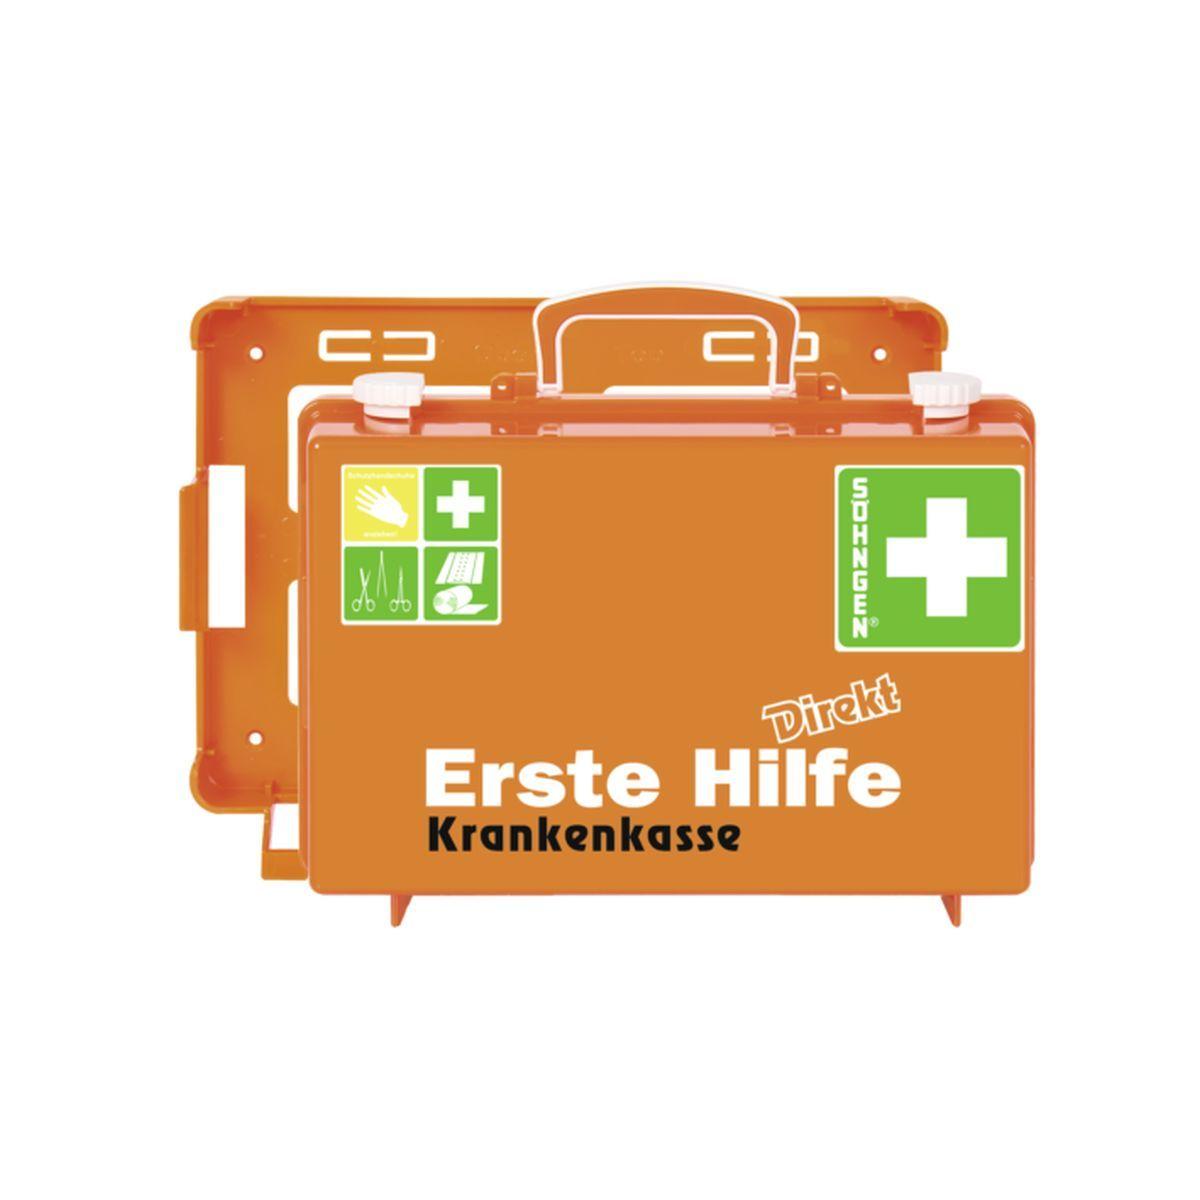 Erste Hilfe Koffer DIN 13157 DIREKT, Krankenkasse